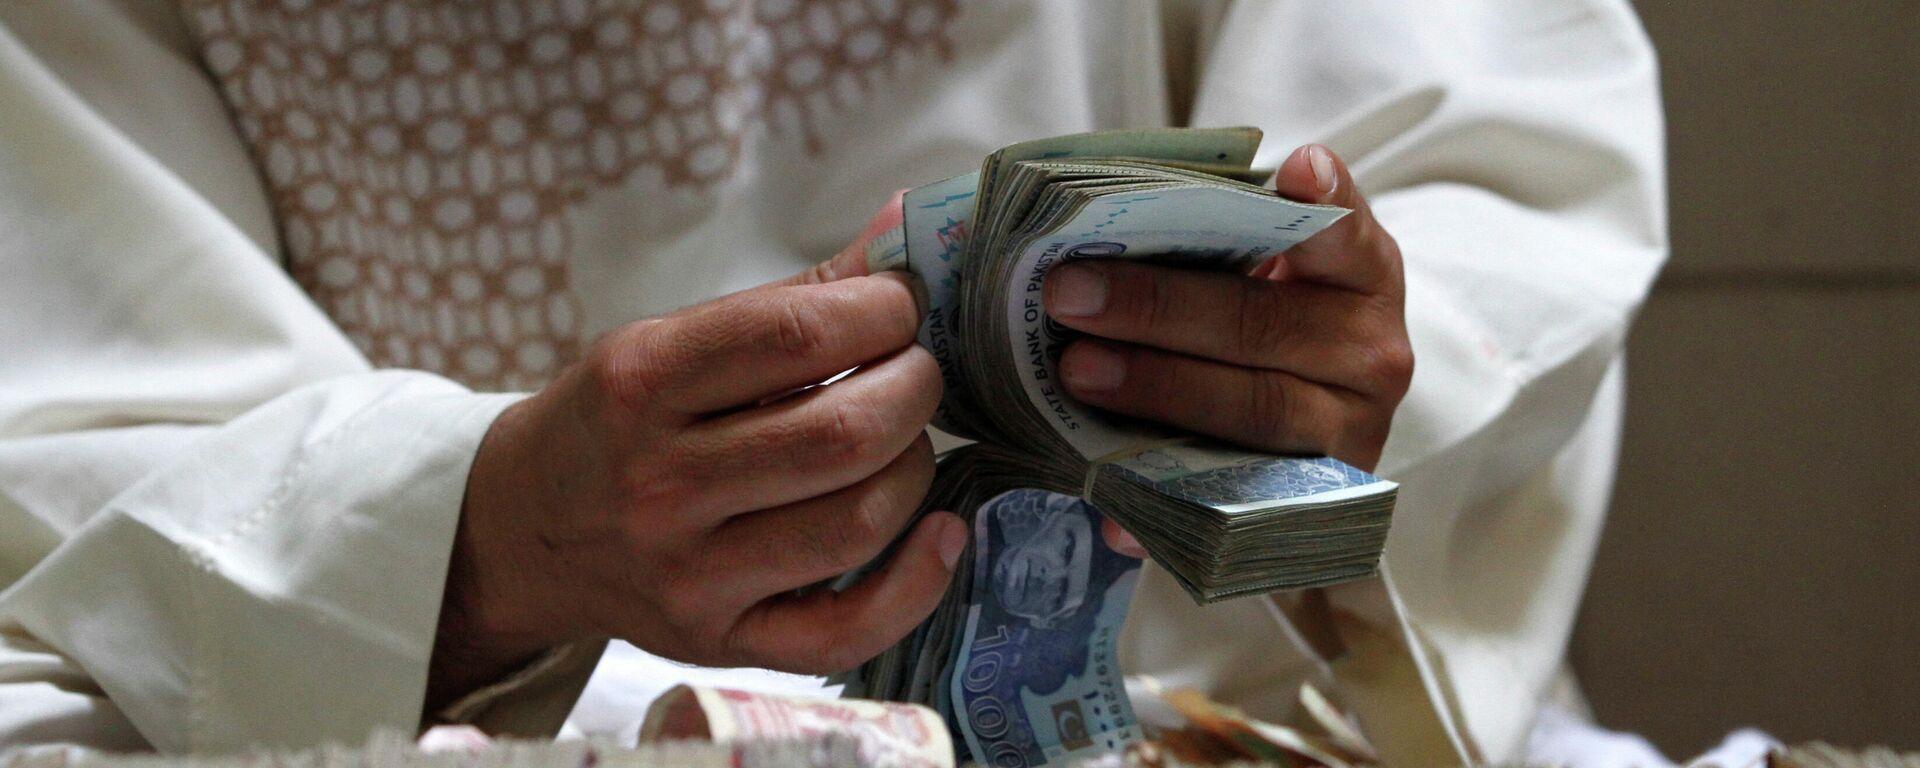 Мужчина держит в руках деньги, афгани - Sputnik Тоҷикистон, 1920, 06.10.2021